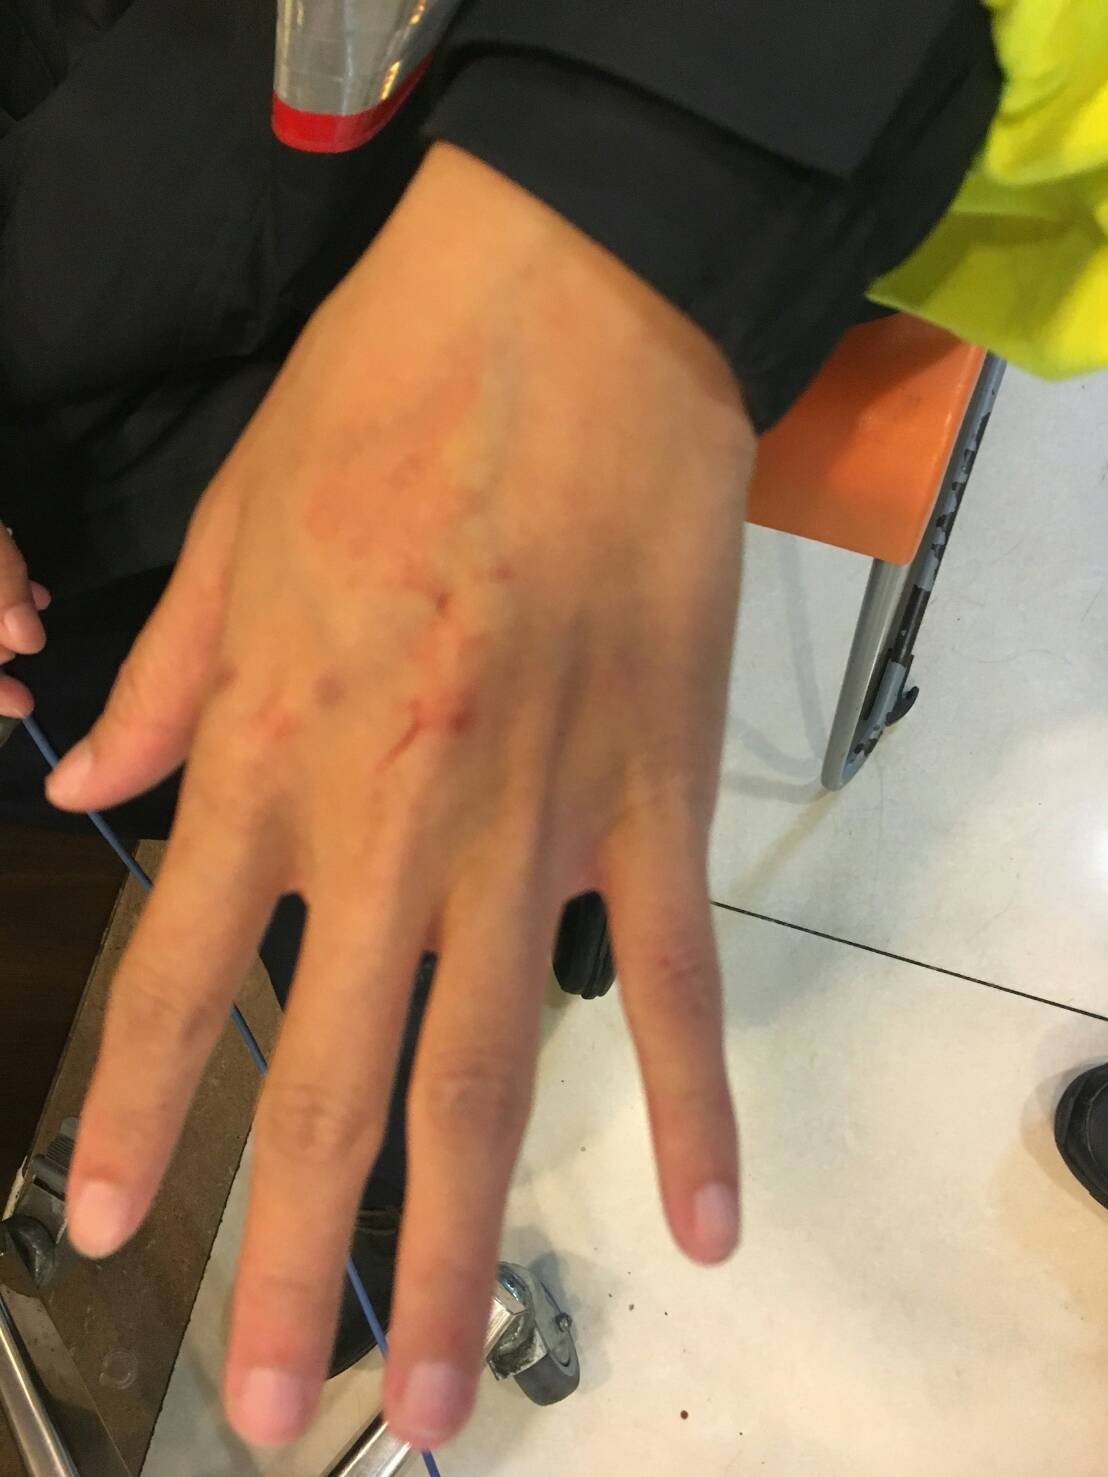 女警執勤遭醉漢徒手毆打,眼睛周圍及手部受傷。記者蕭雅娟/翻攝